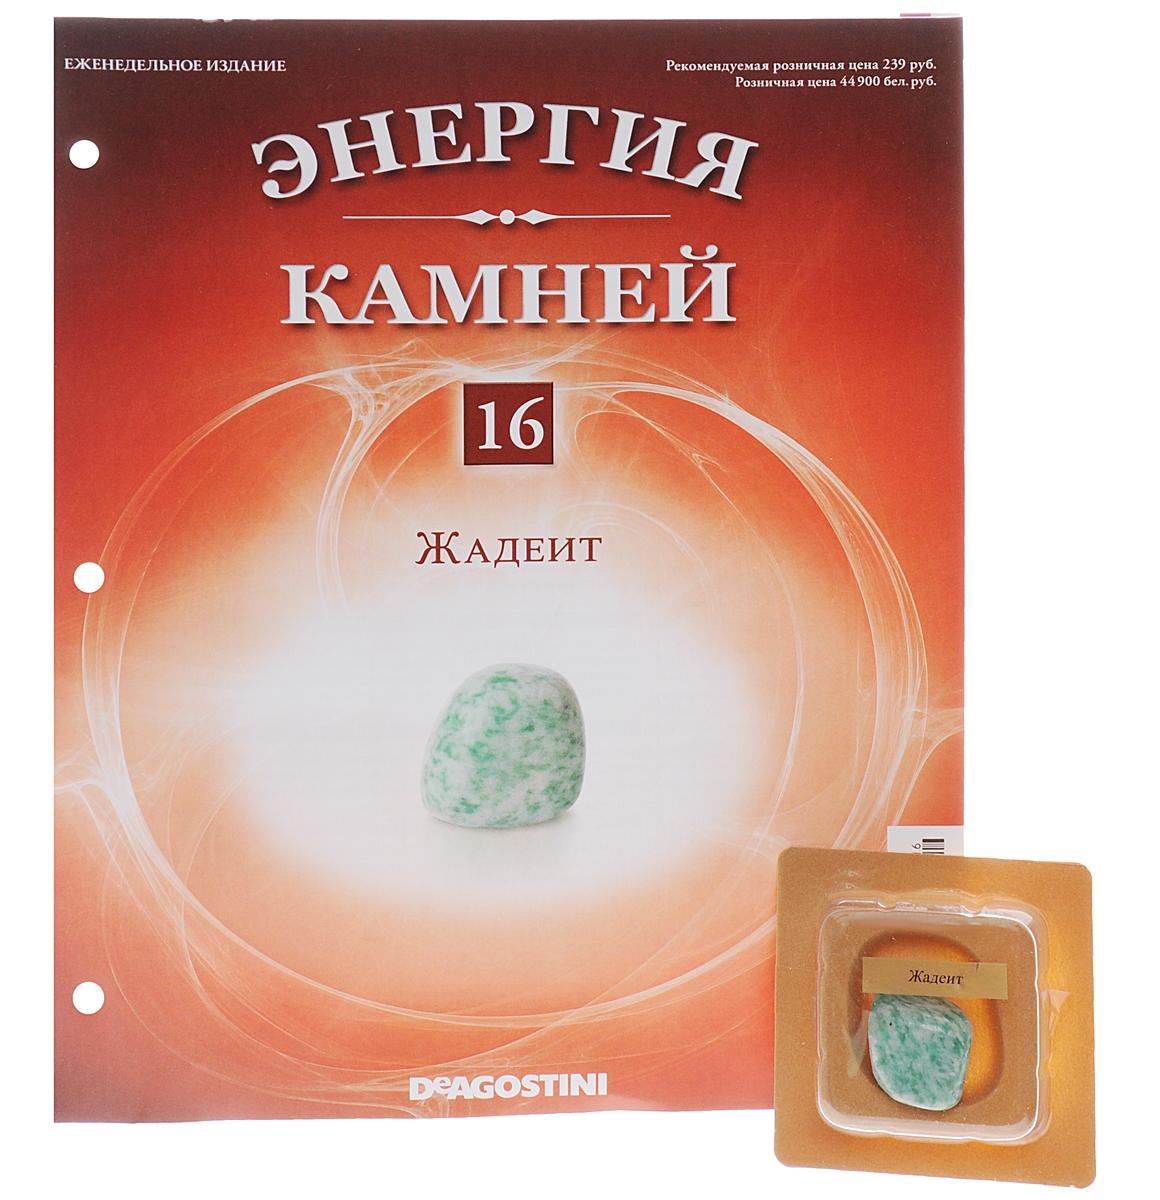 """Журнал """"Энергия камней"""" №16,"""